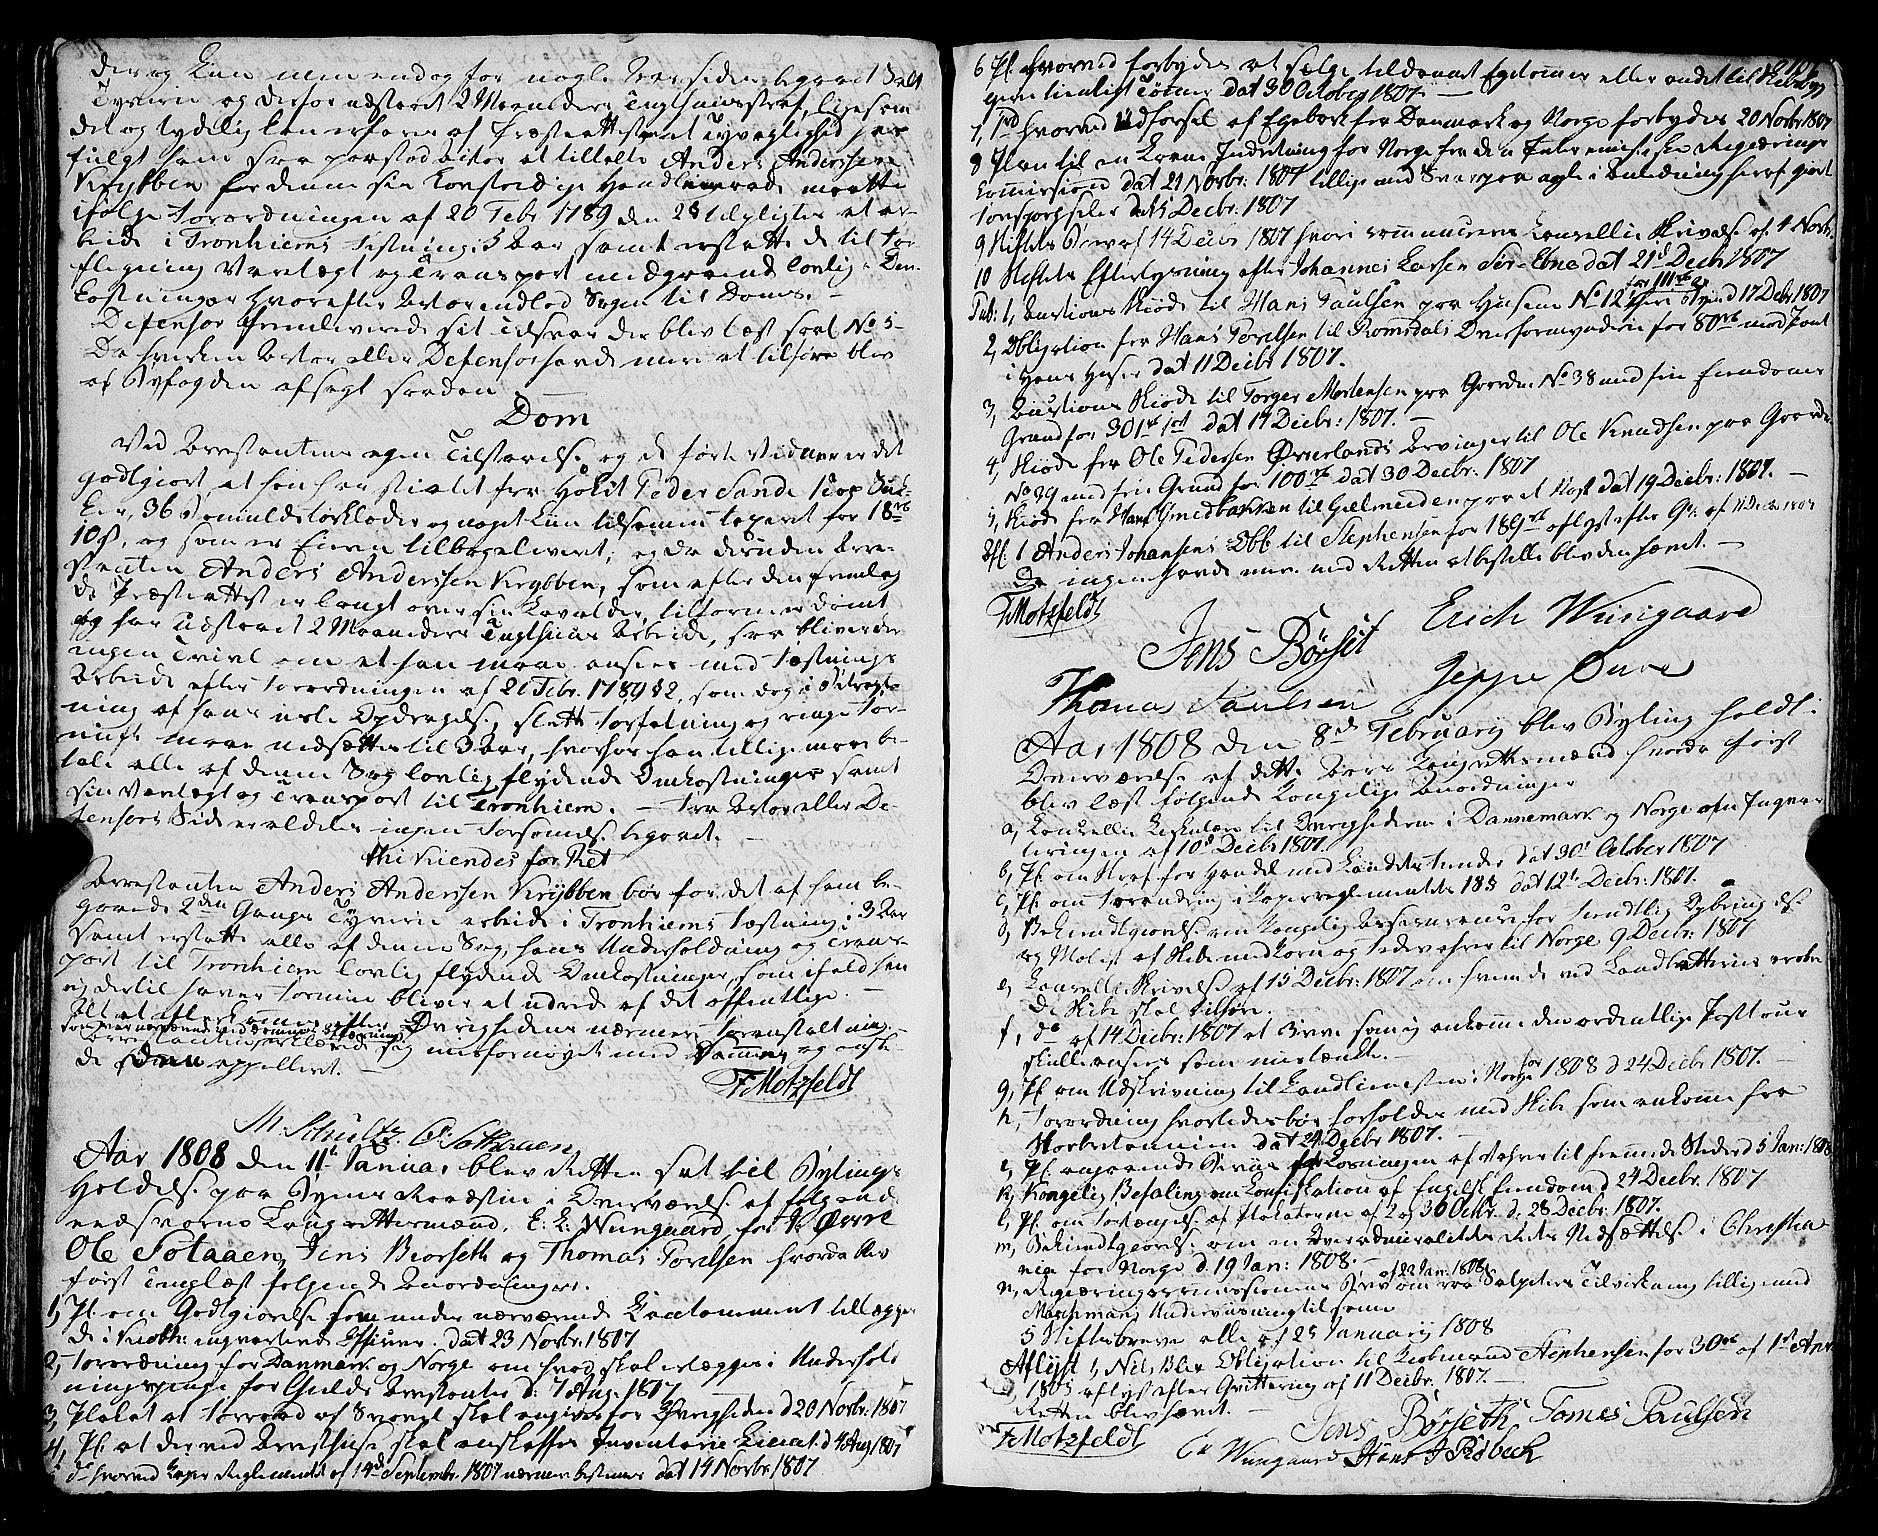 SAT, Molde byfogd, 1/1A/L0002: Justisprotokoll, 1797-1831, p. 106b-107a